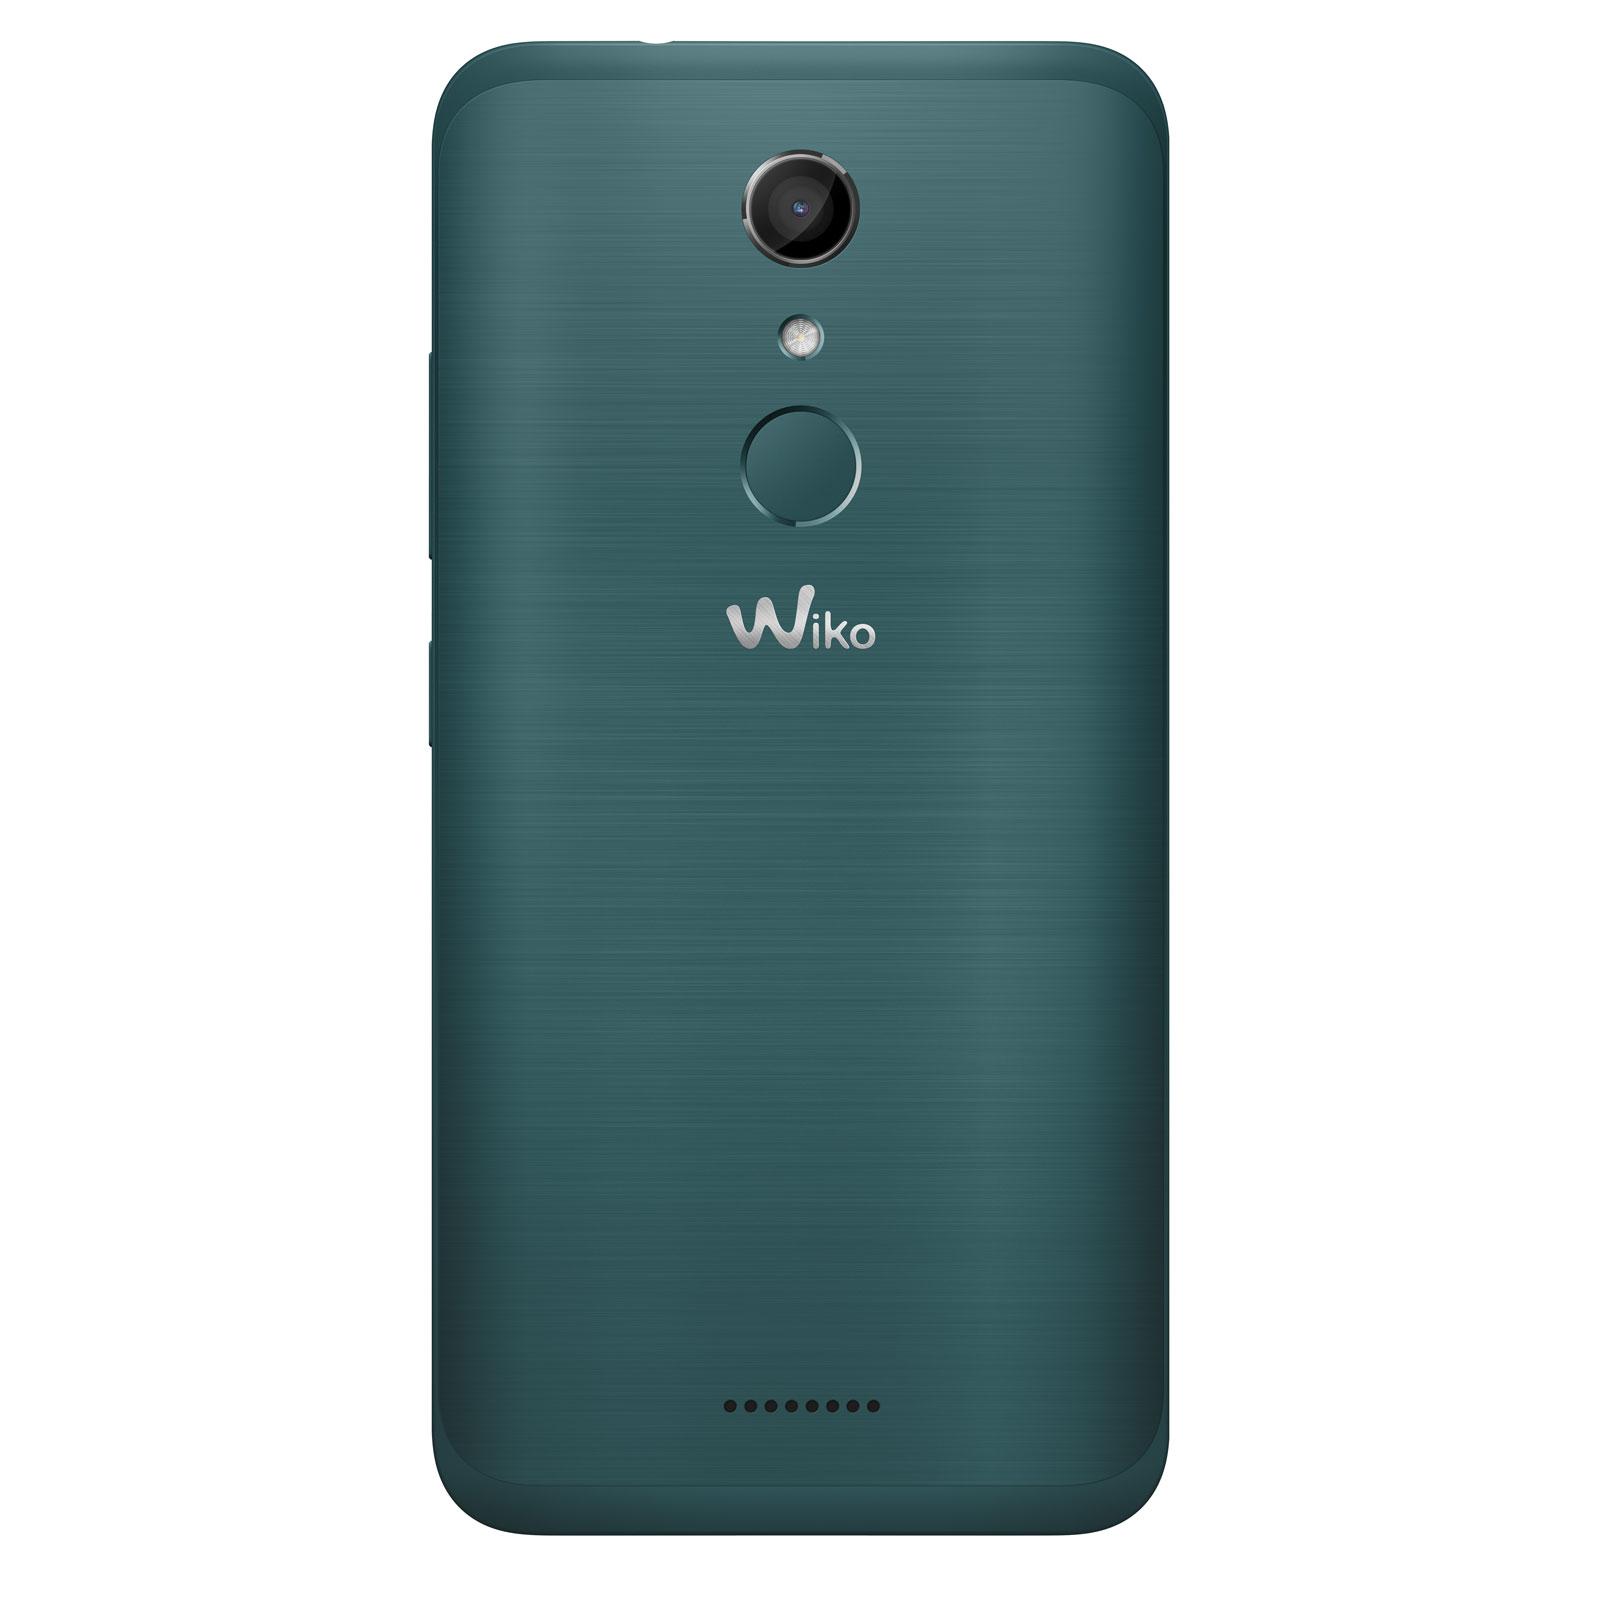 Wiko upulse lite bleen mobile smartphone wiko sur for Photo ecran wiko